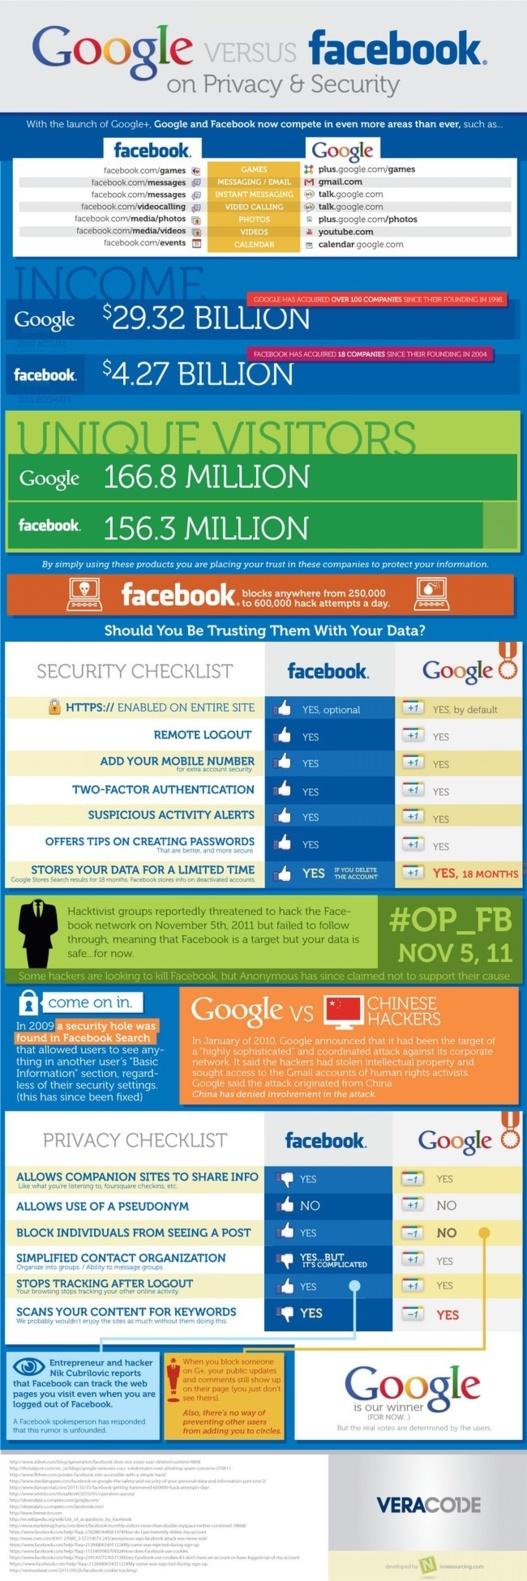 Google vs Facebook - Sécurité et la vie privé en 1 image